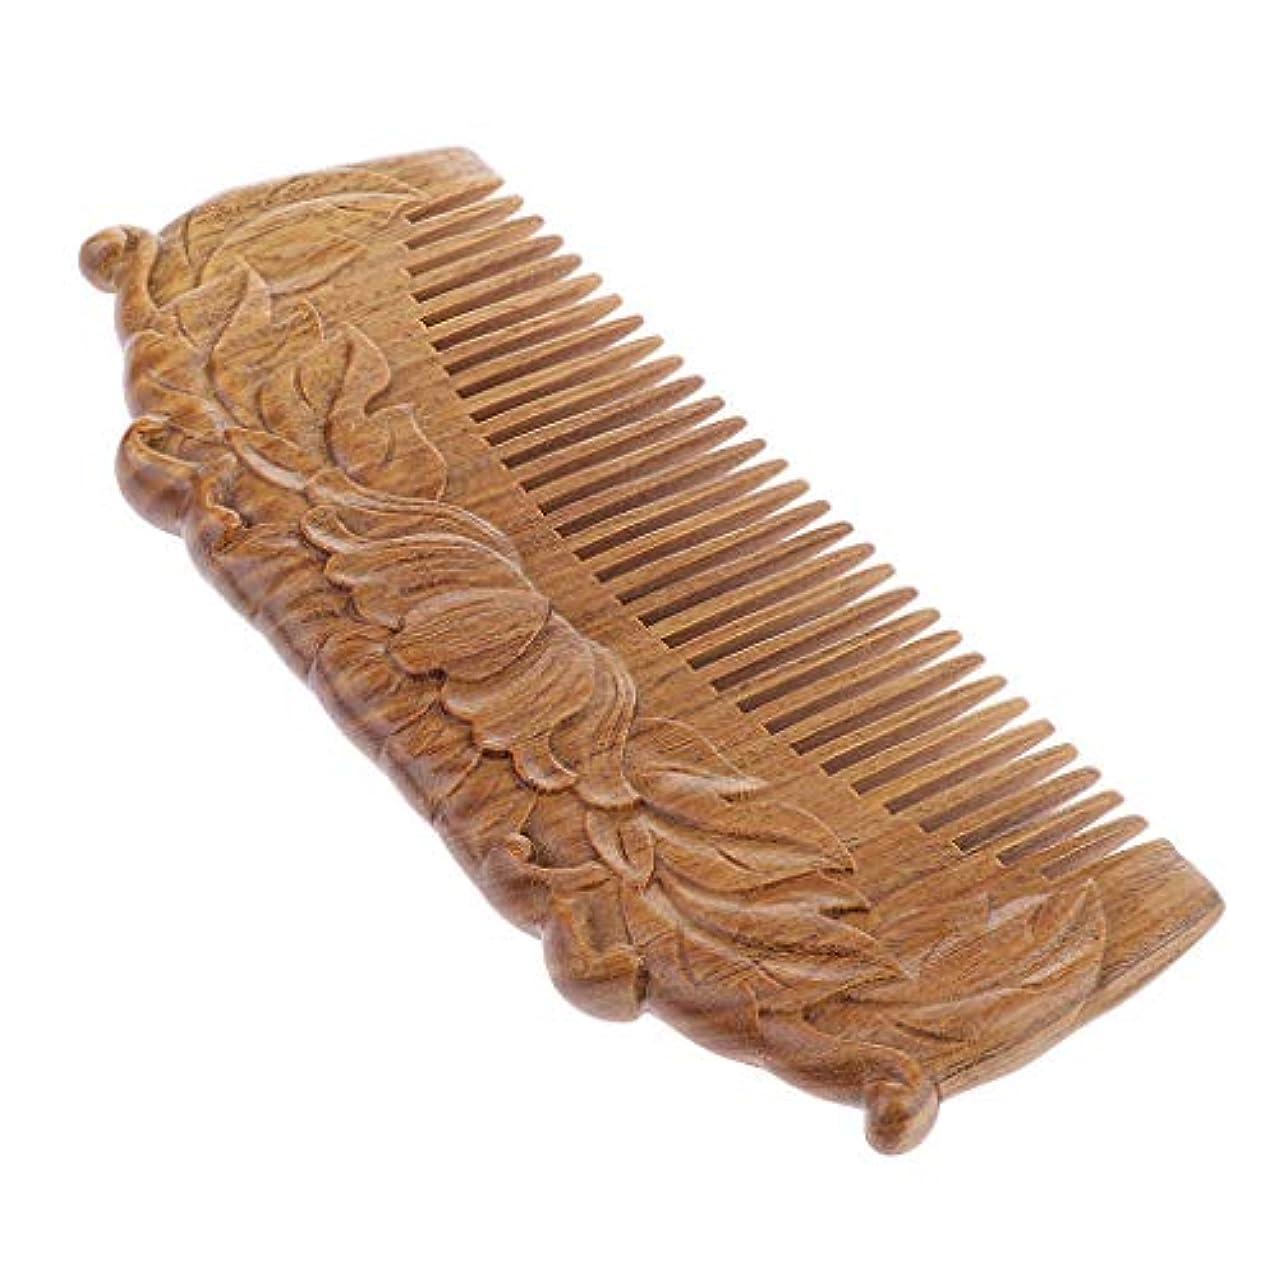 指気づくどんなときもウッドコーム 木製櫛 高品質 手作り 天然木 帯電防止櫛 頭皮マッサージ ヘアブラシ